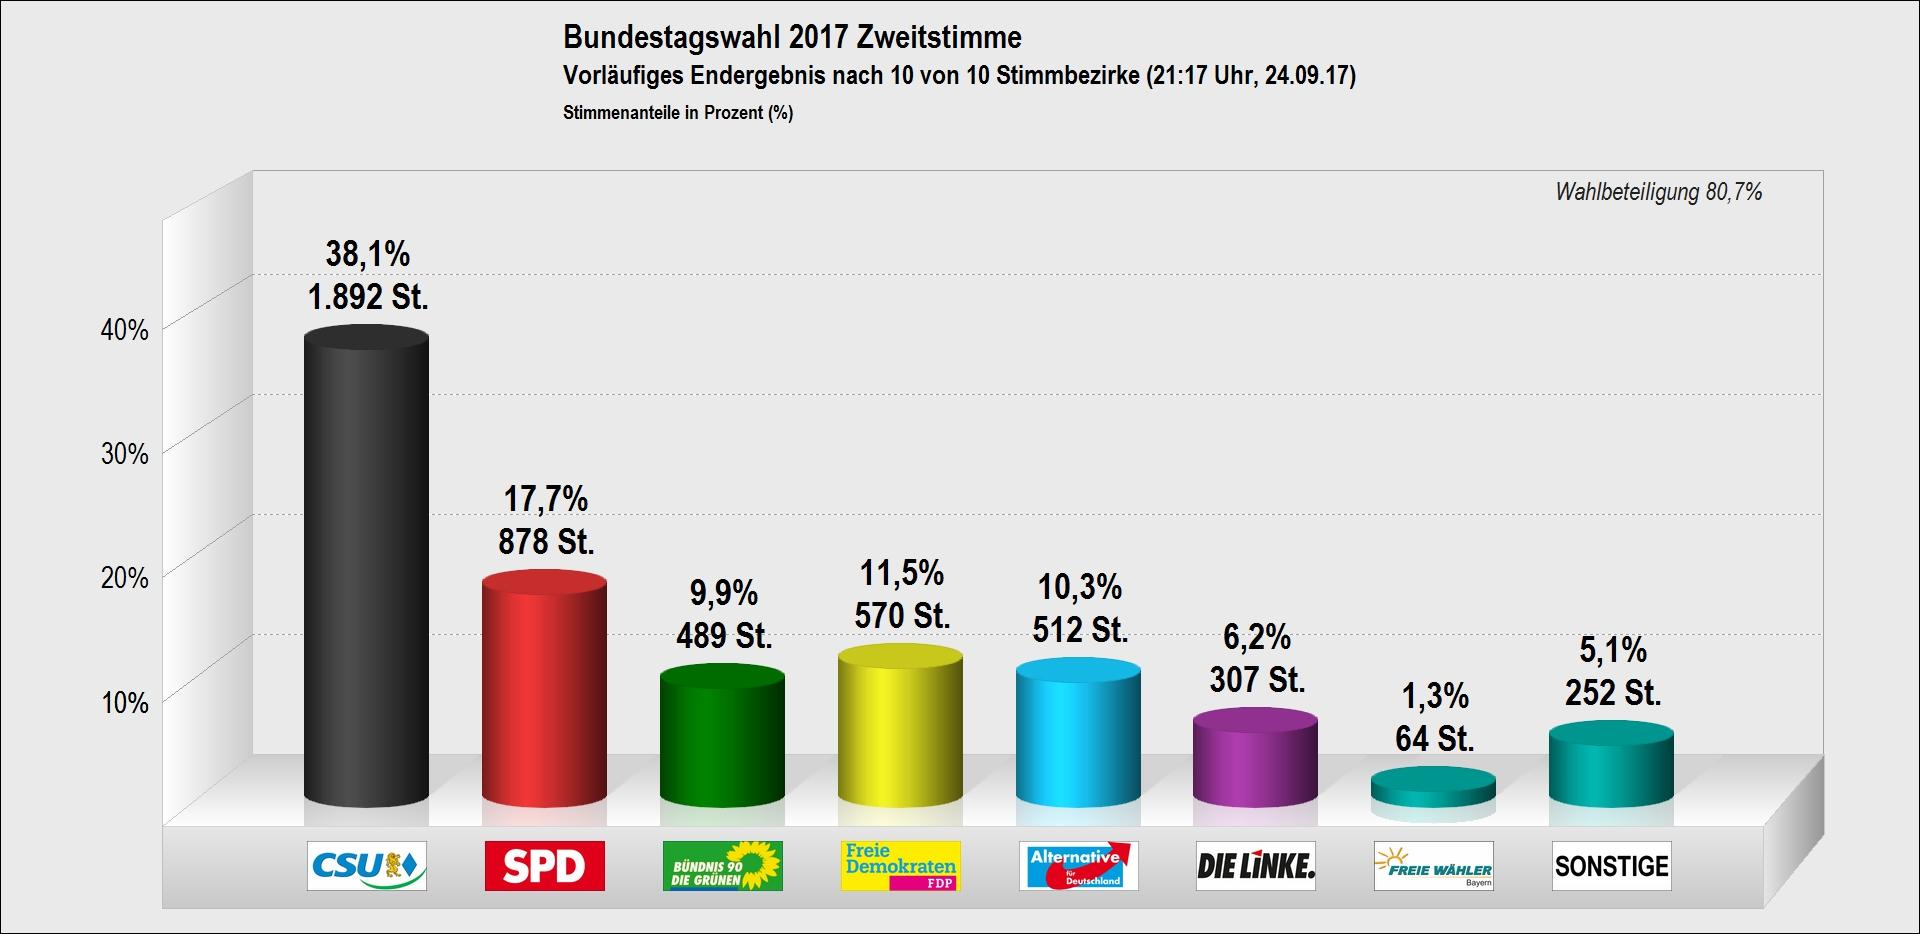 bundestagswahl-2017-zweitstimmen